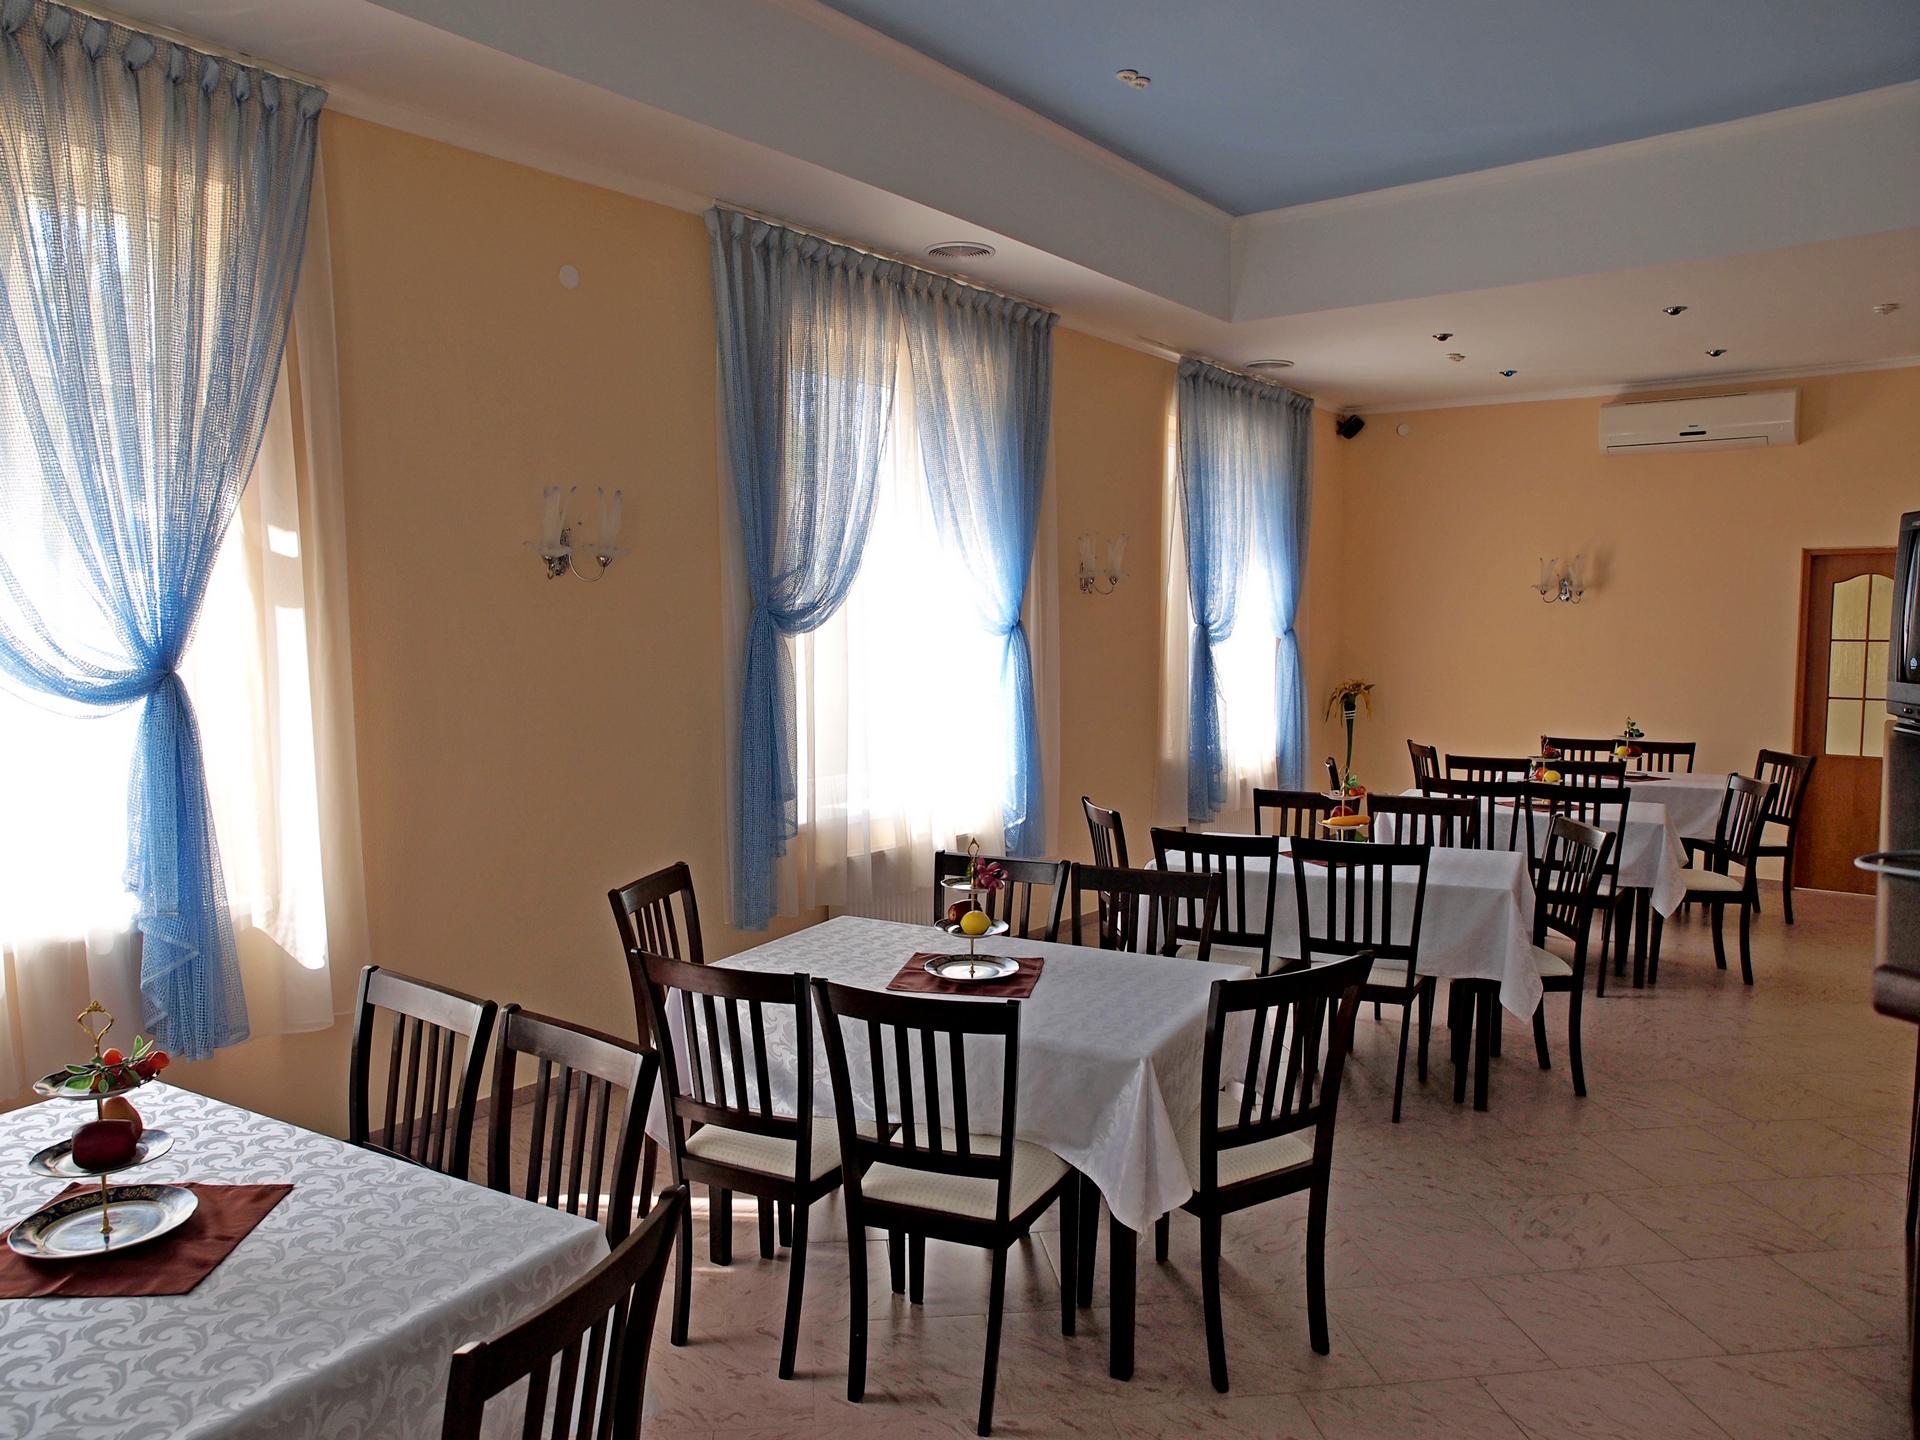 Кафе Севастополь